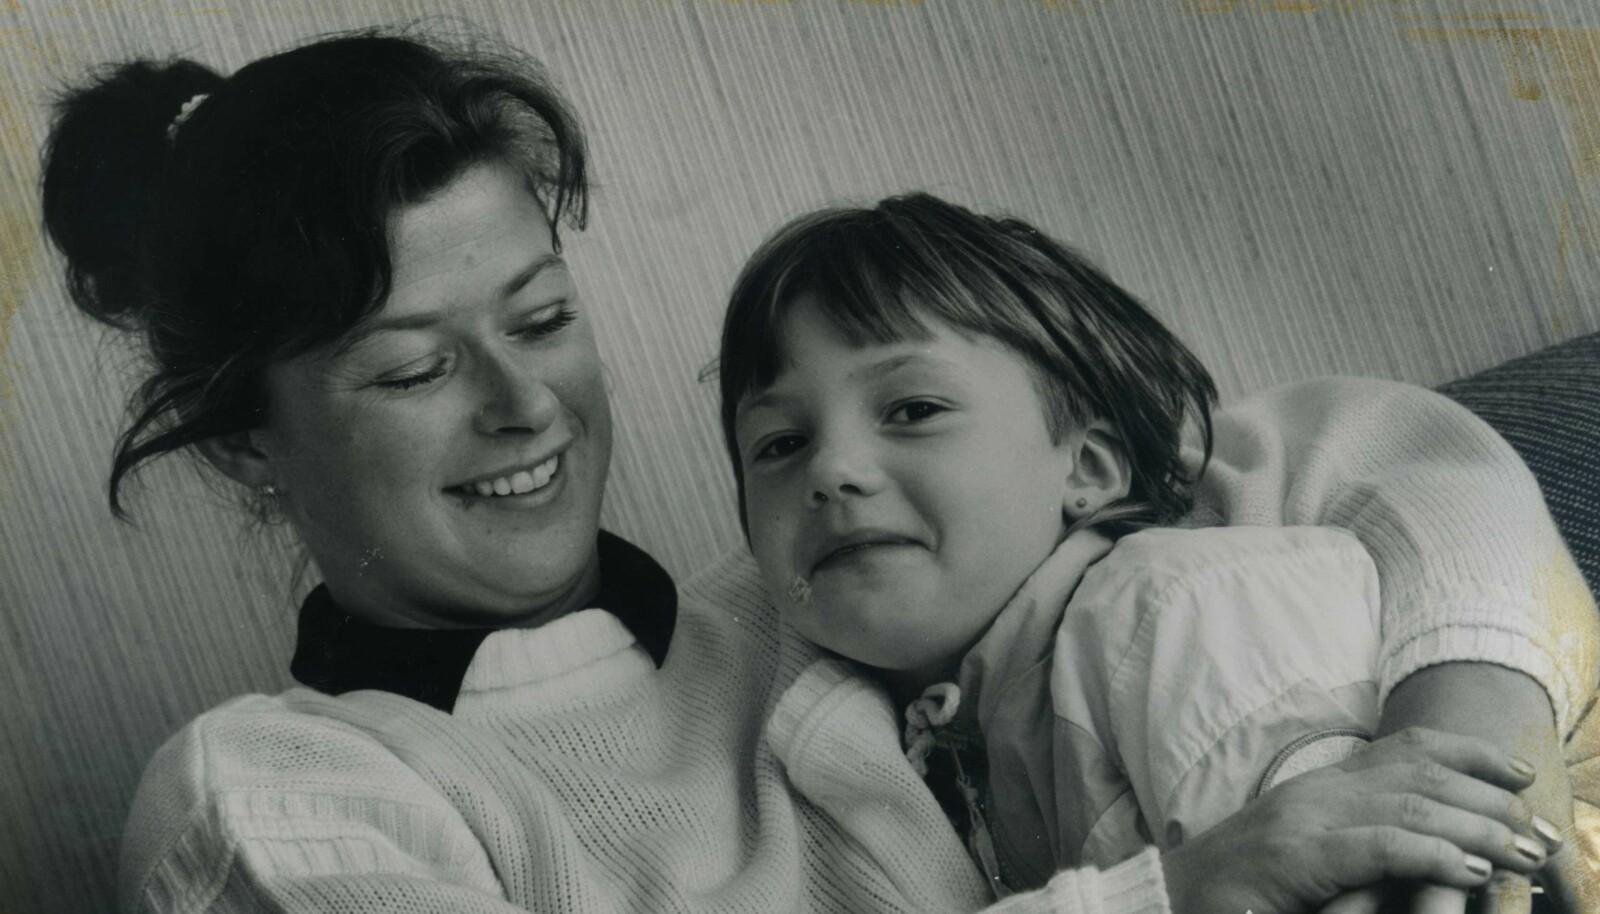 <strong>ET LIV UTEN MARIANNE:</strong> Lillesøster Elsebeth var bare fire måneder da Marianne forsvant. Hun rakk aldri å bli kjent med storesøsteren sin. Dette bildet er av mamma Torunn og Elsebeth i 1984, tre år etter forsvinningen. FOTO: Privat